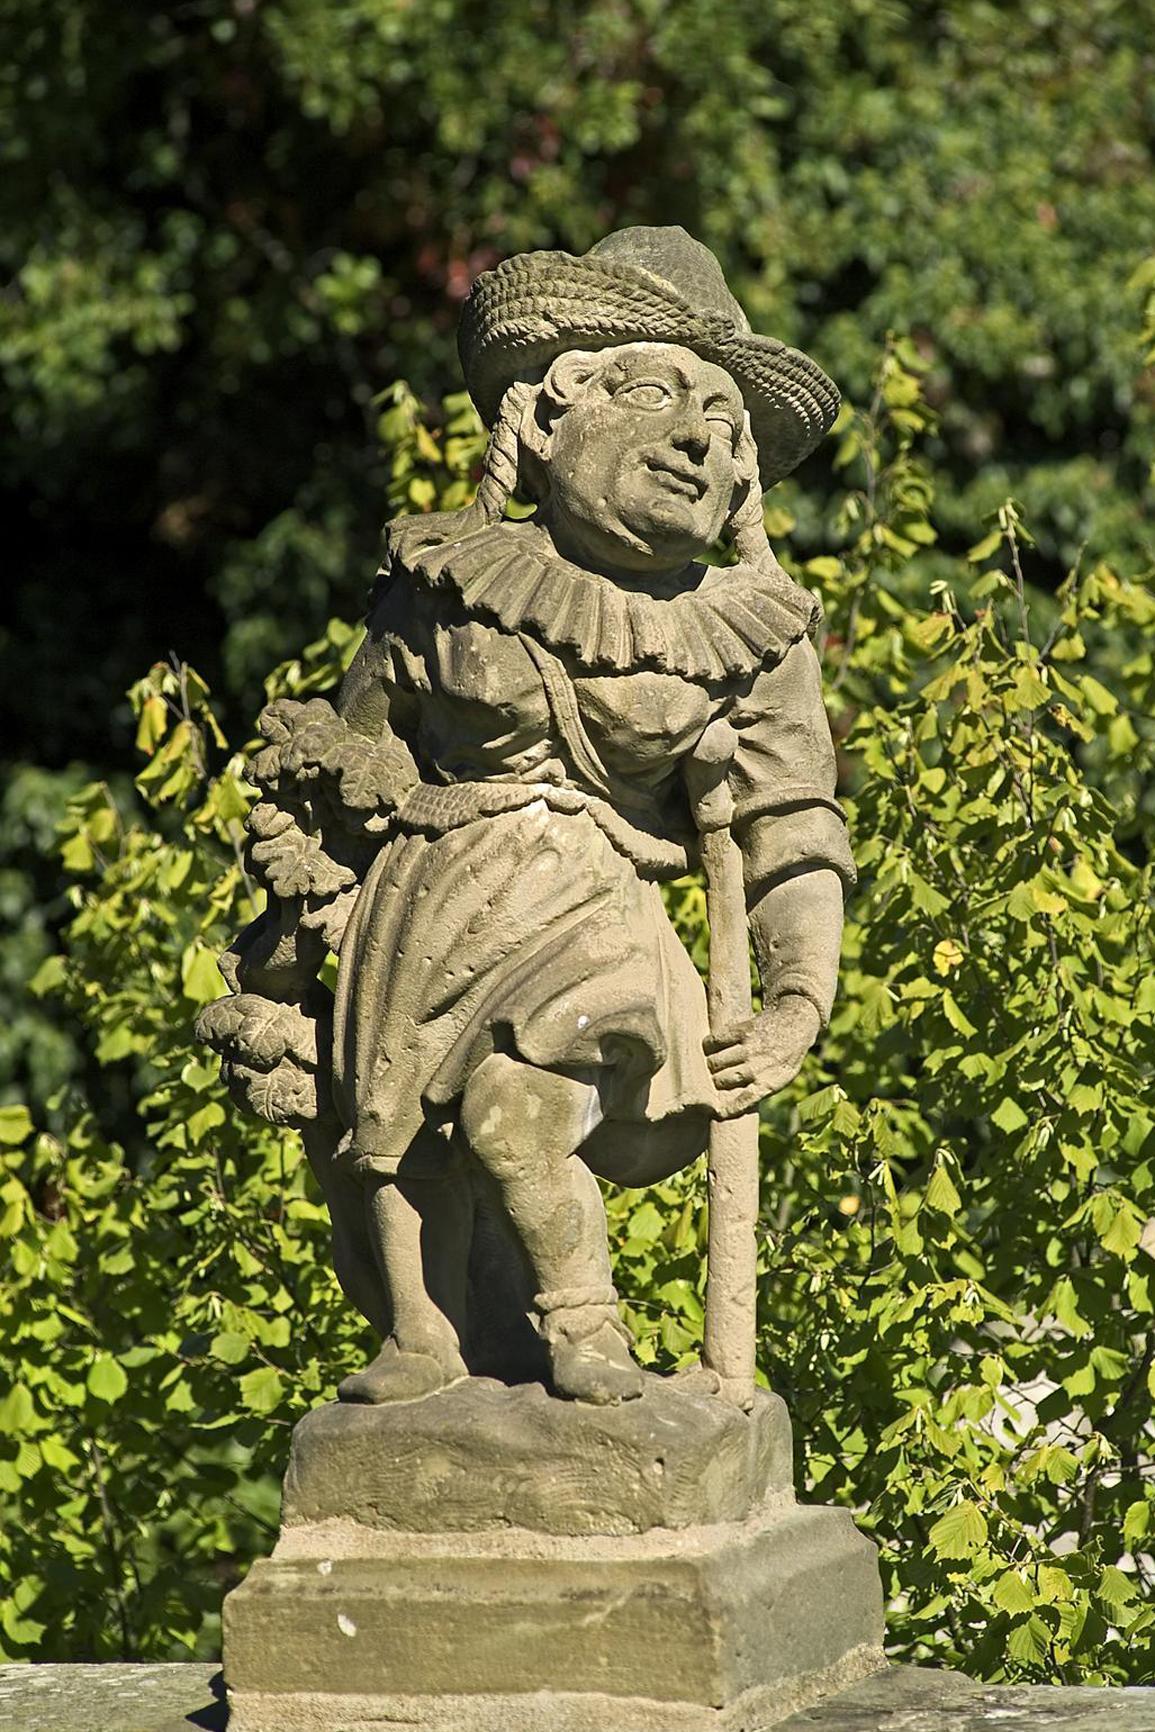 Hirtin, Figur im Schlossgarten Weikersheim; Foto: Staatliche Schlösser und Gärten Baden-Württemberg, Arnim Weischer